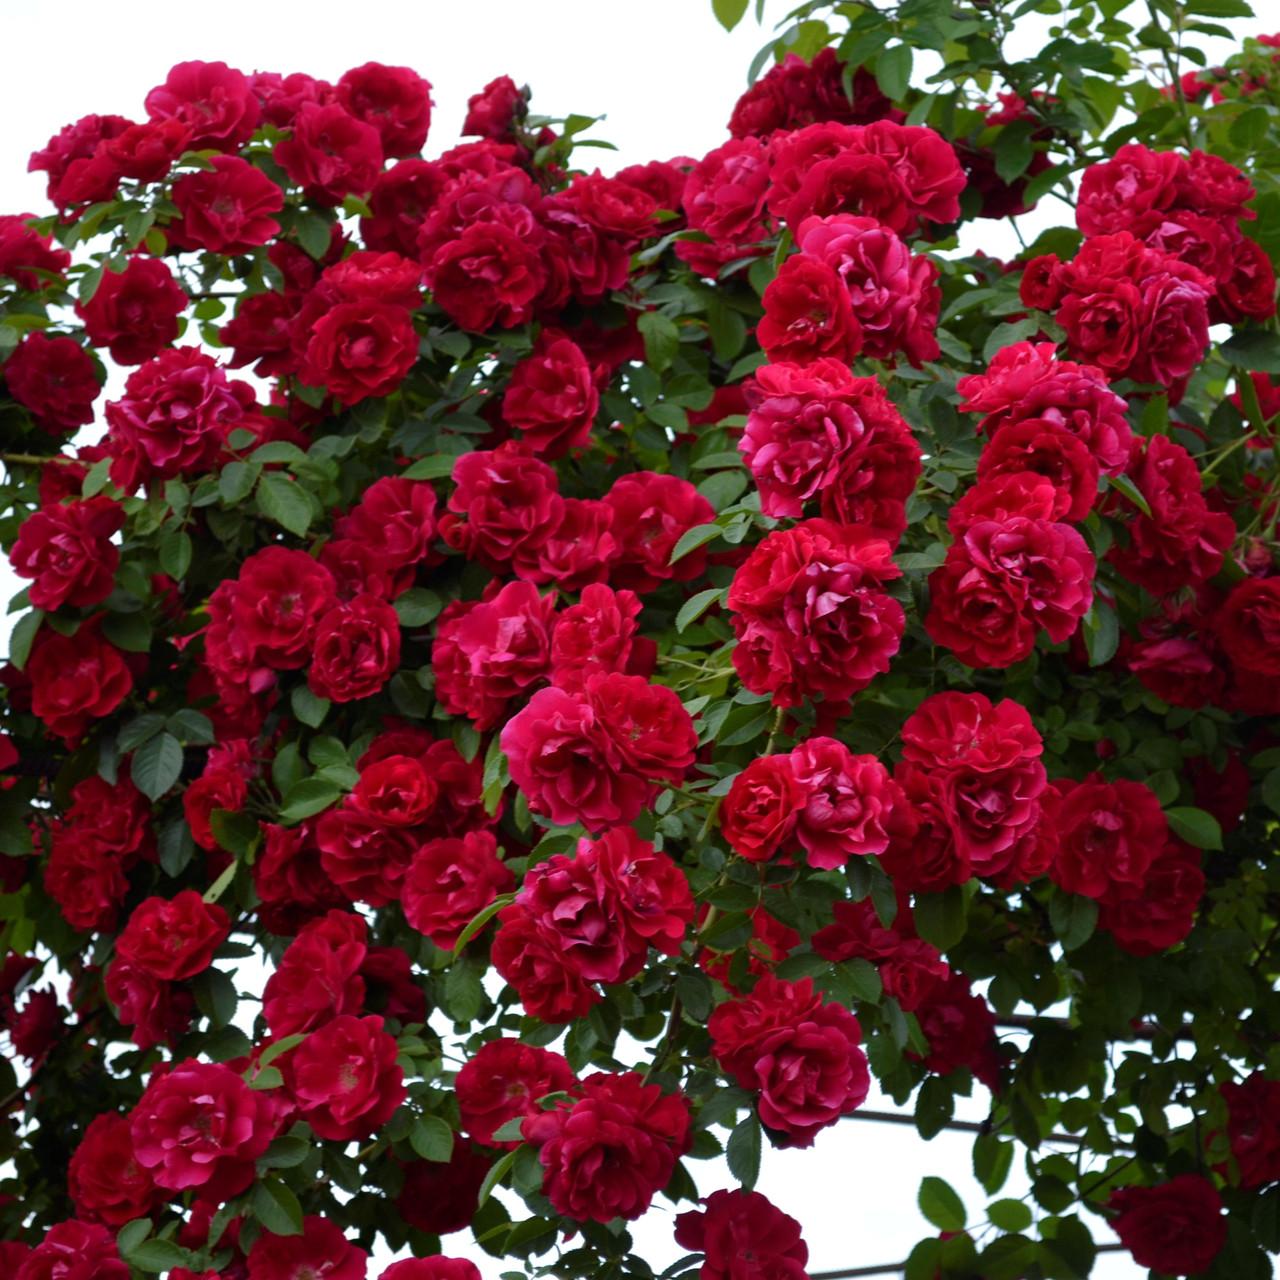 сорта роз с фото и названиями плетистые коляски повод